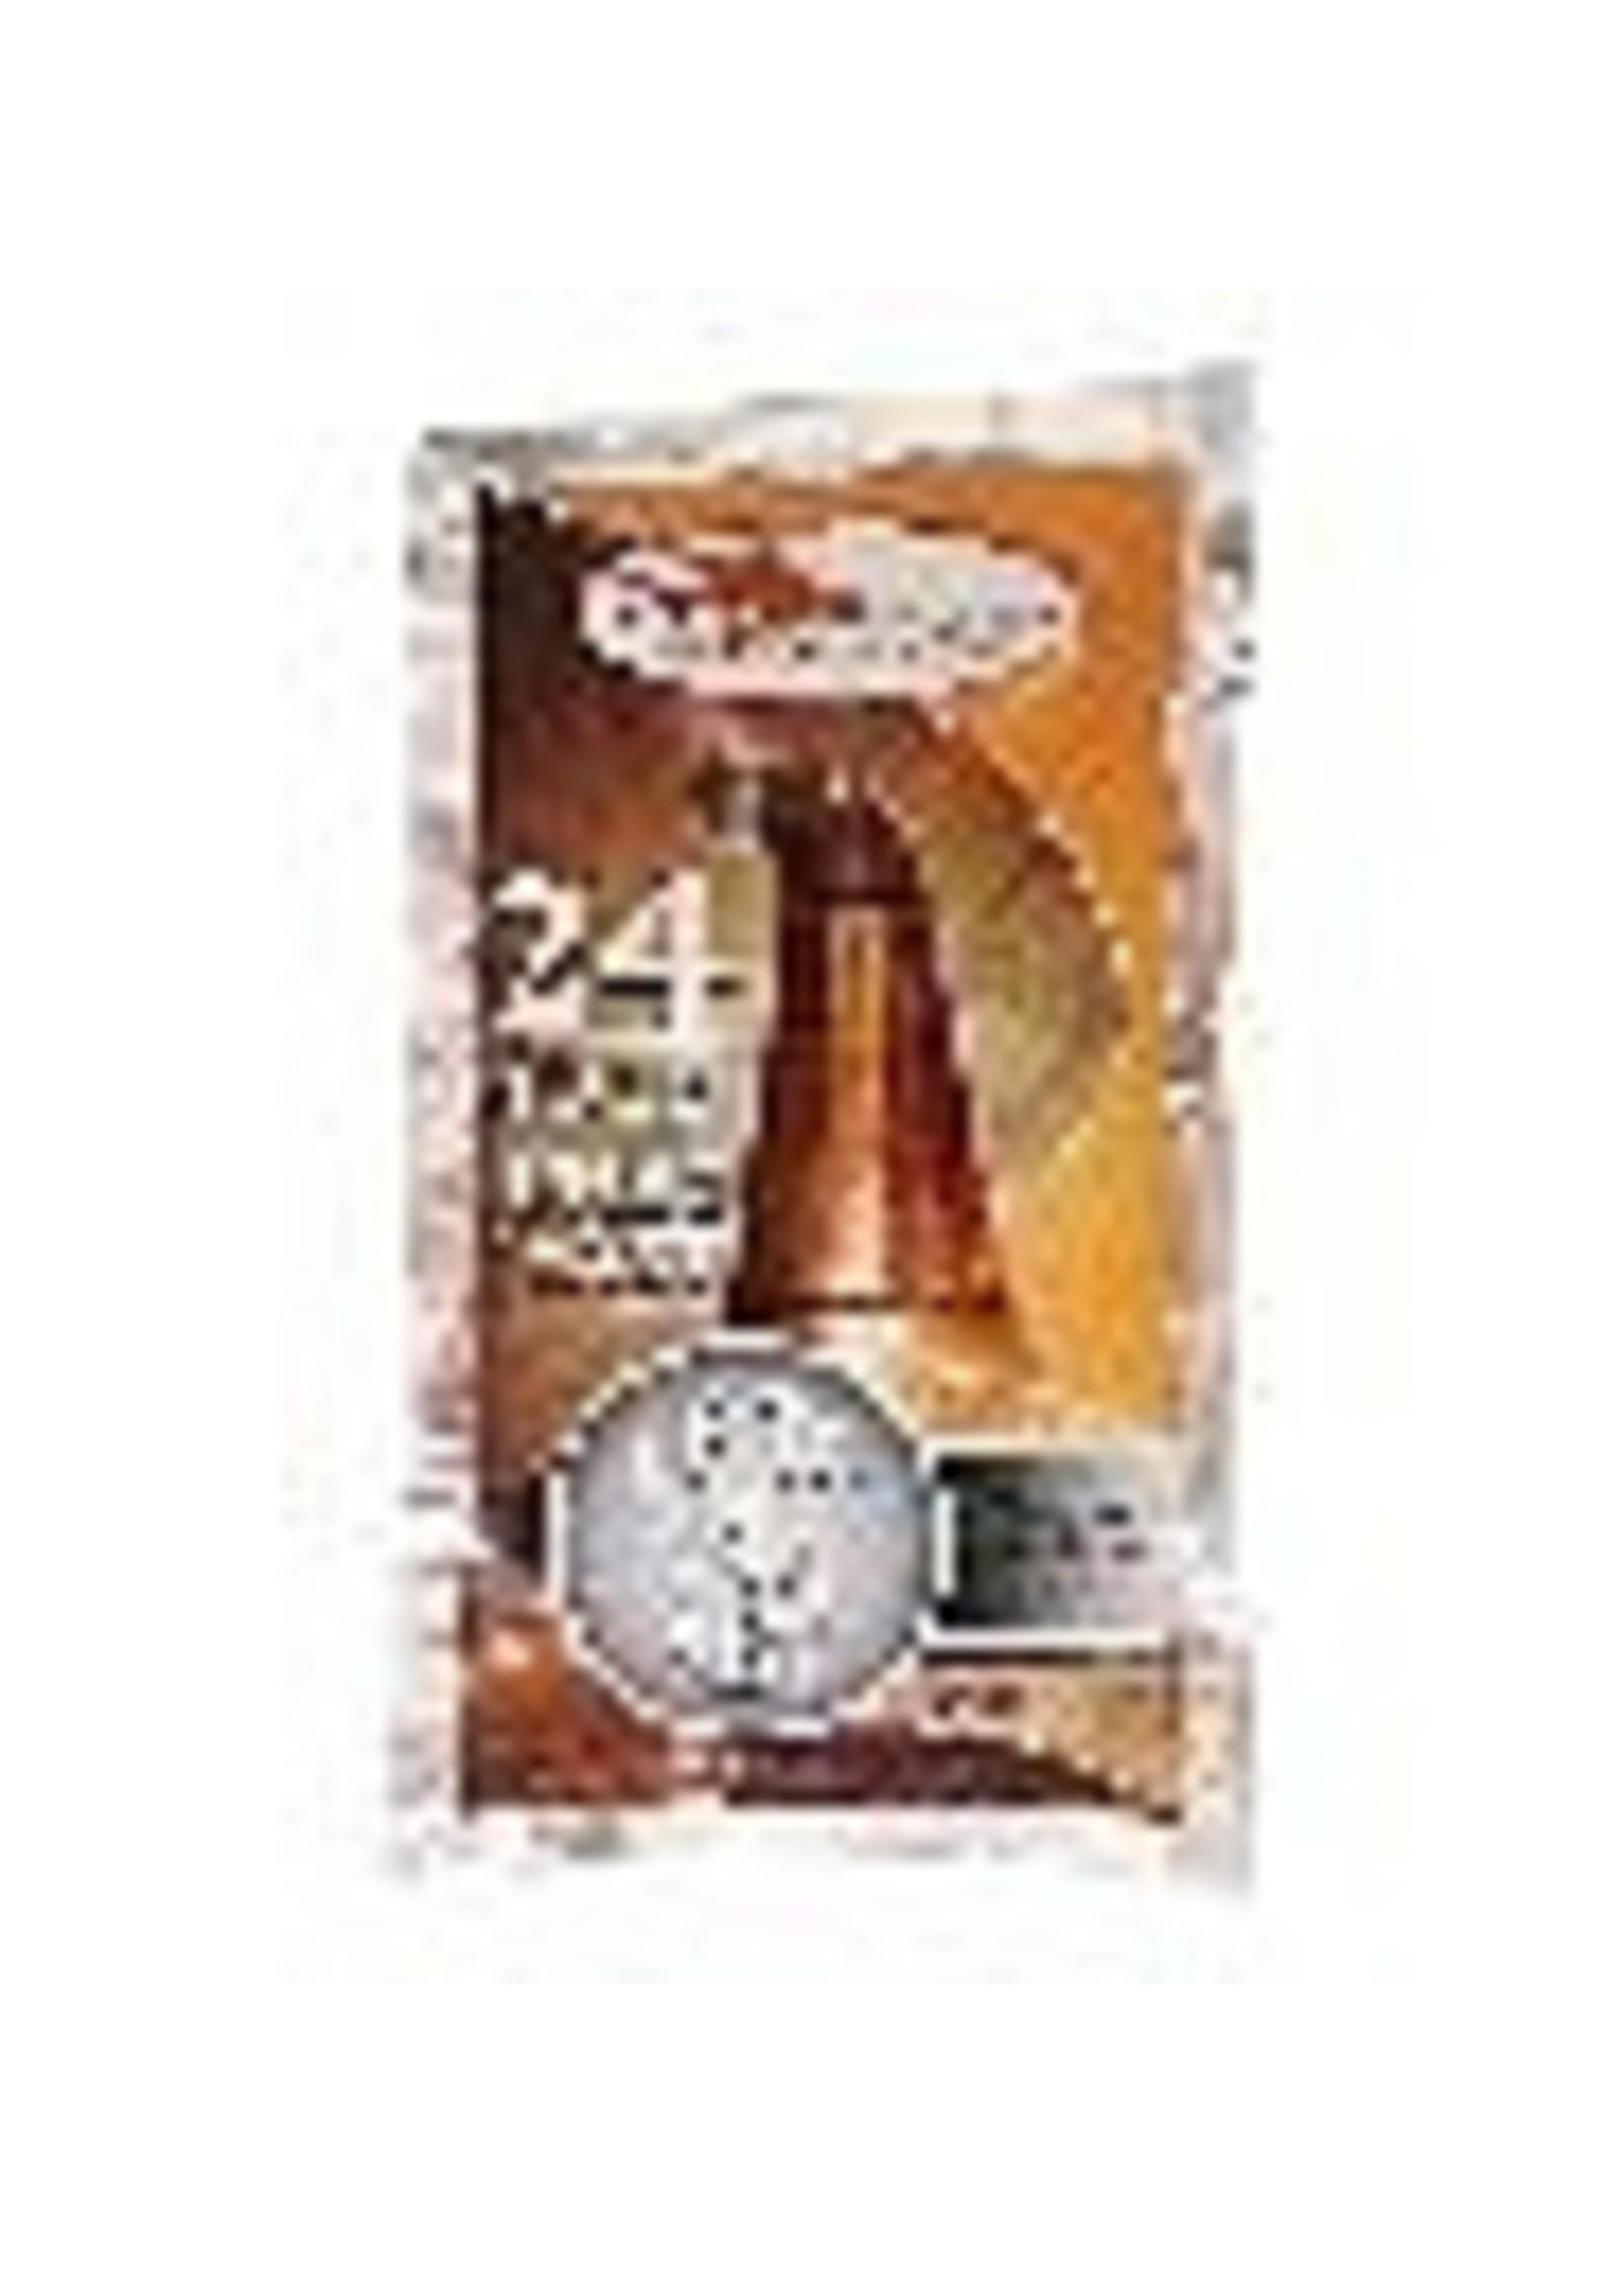 Yeast Fermfast 24 Hour Turbo Yeast 260 gram (UREA Free)